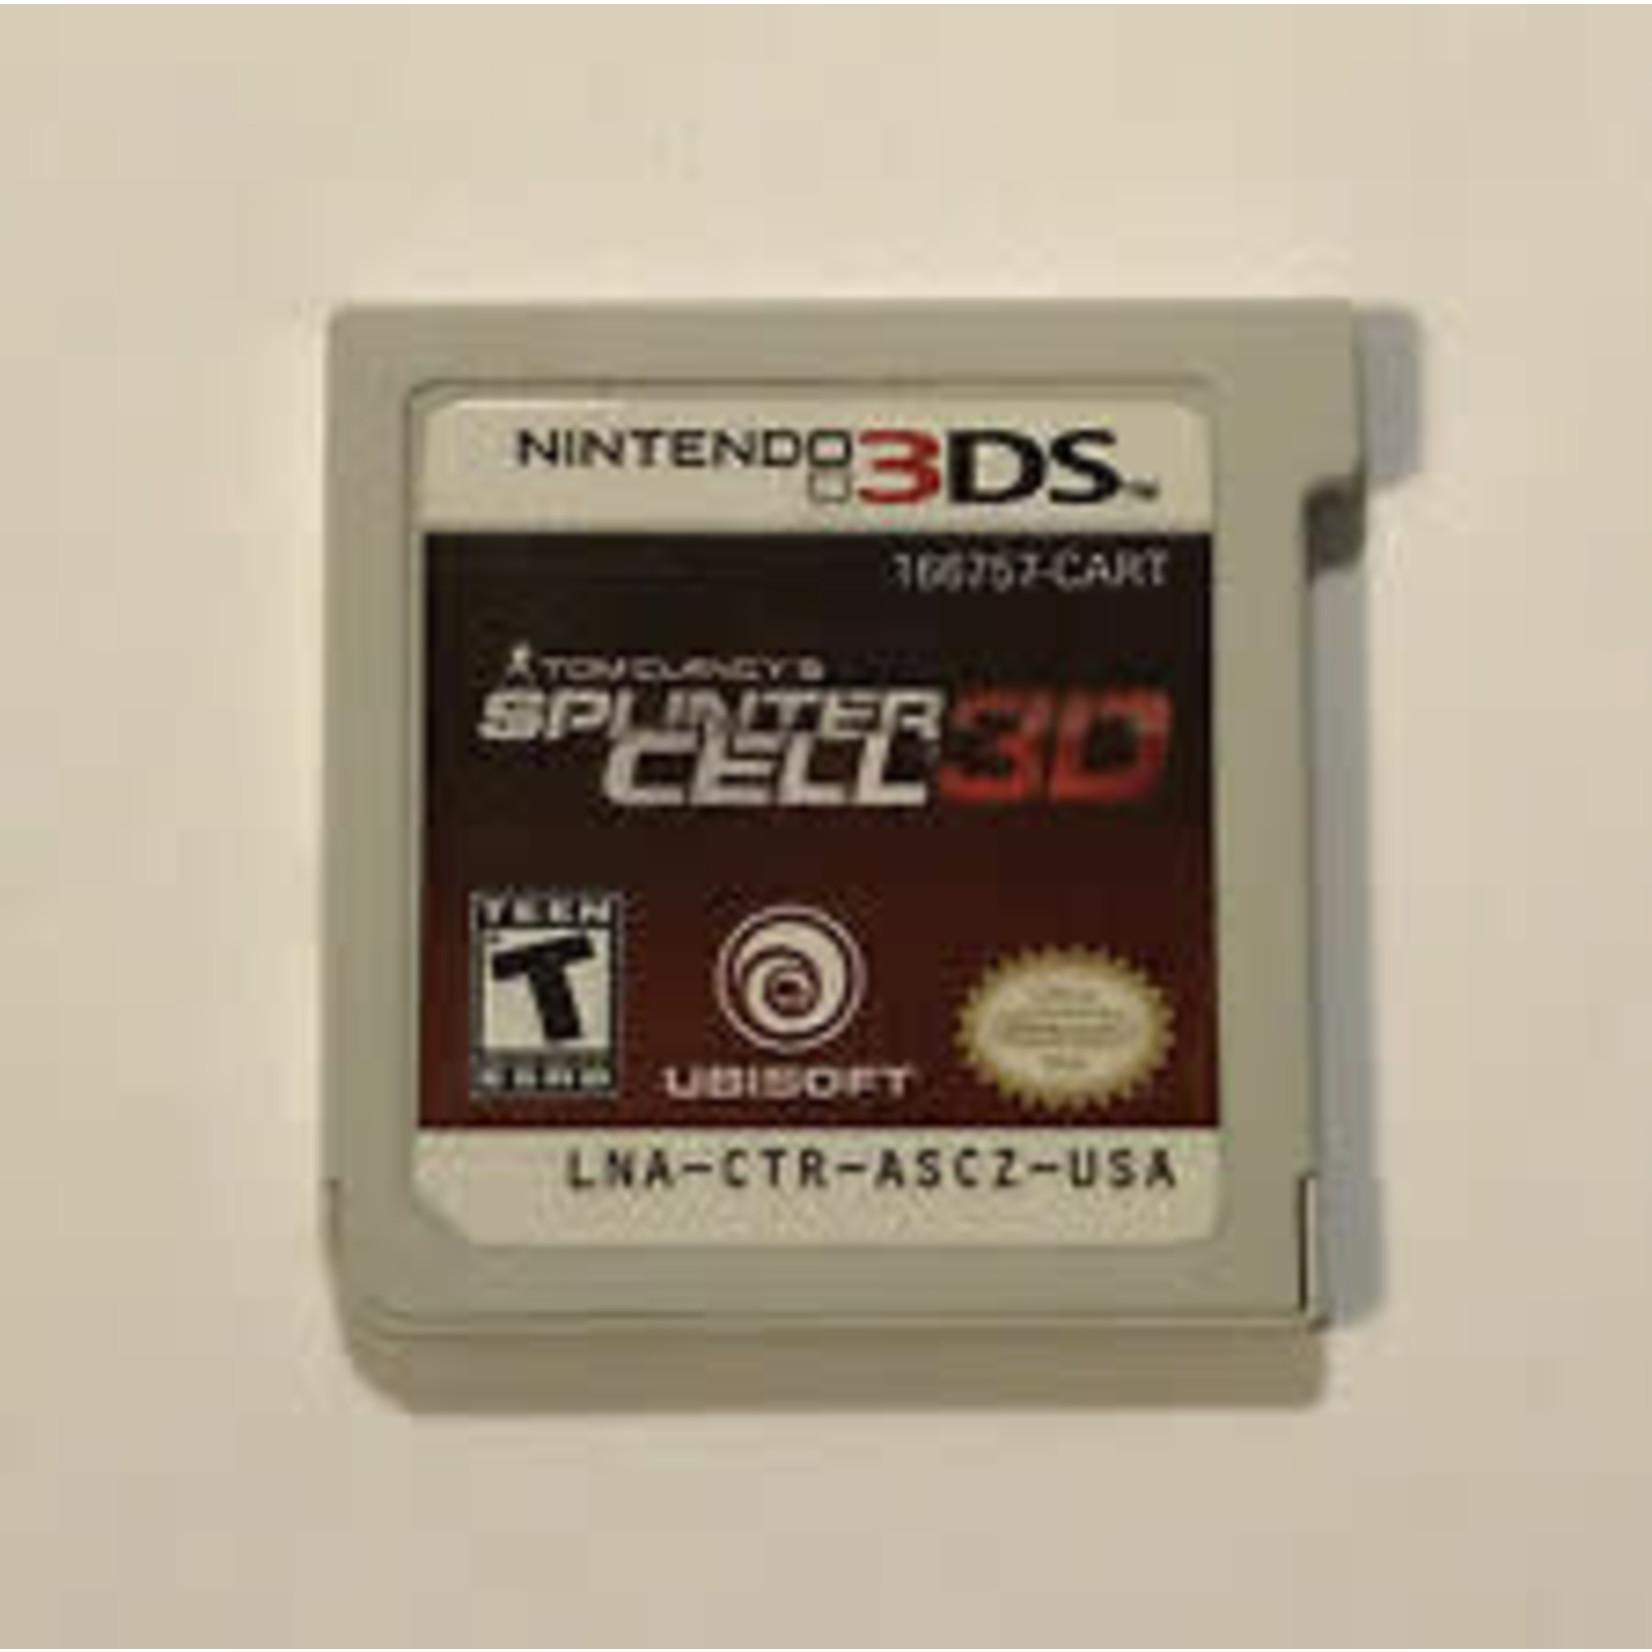 3DSU-Splinter Cell 3D (Chip Only)